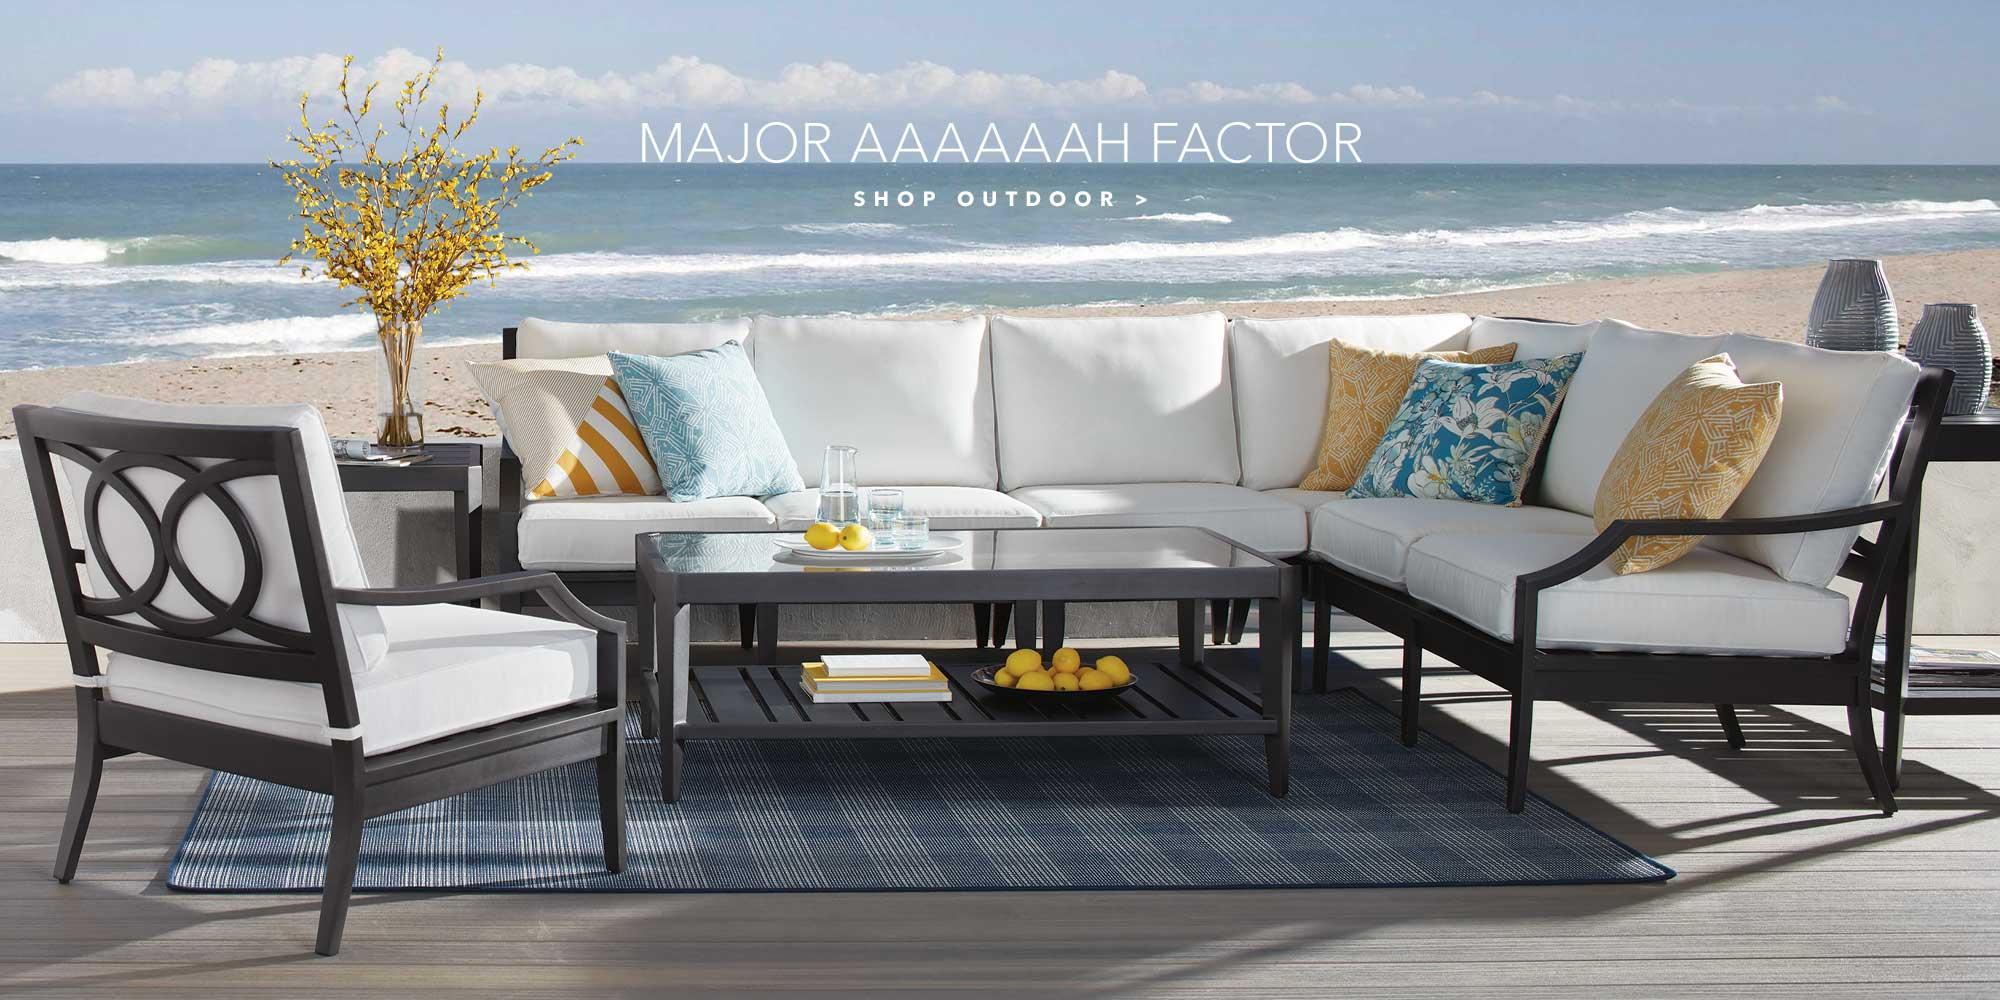 Craigslist Orlando Furniture Owner Landstar Village Apts